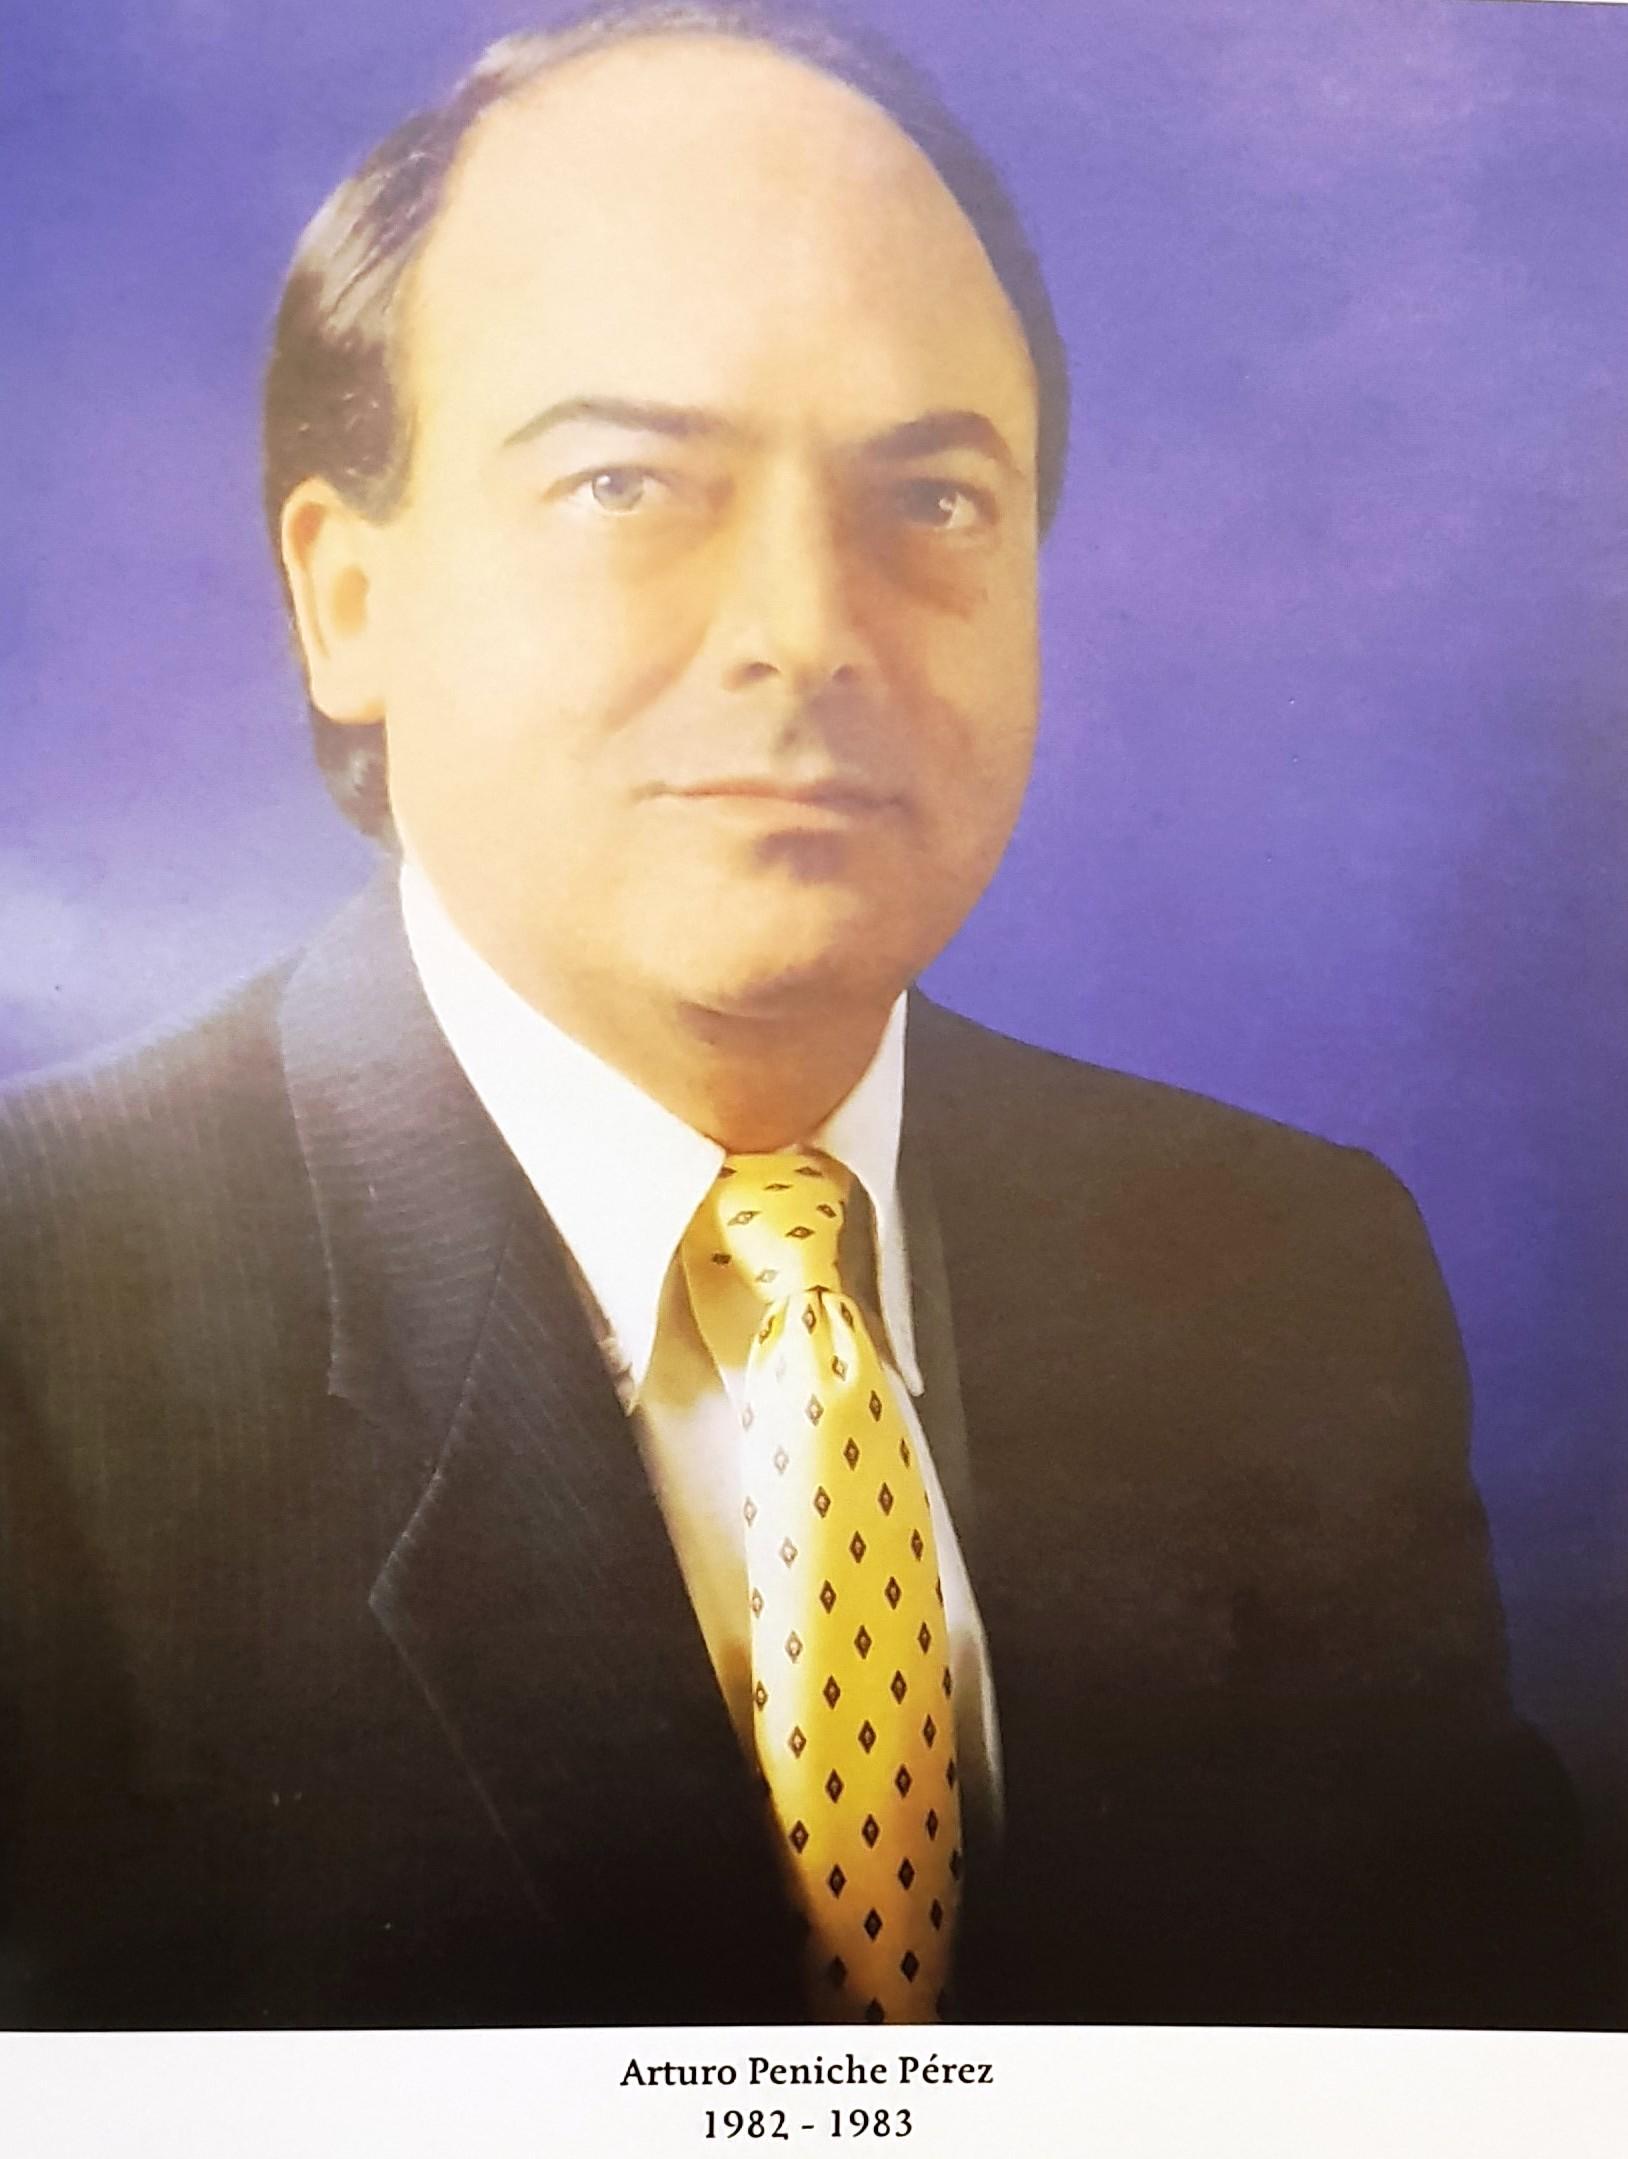 PRESIDENTE DE COPARMEX SR. ARTURO PENICHE PERÉZ